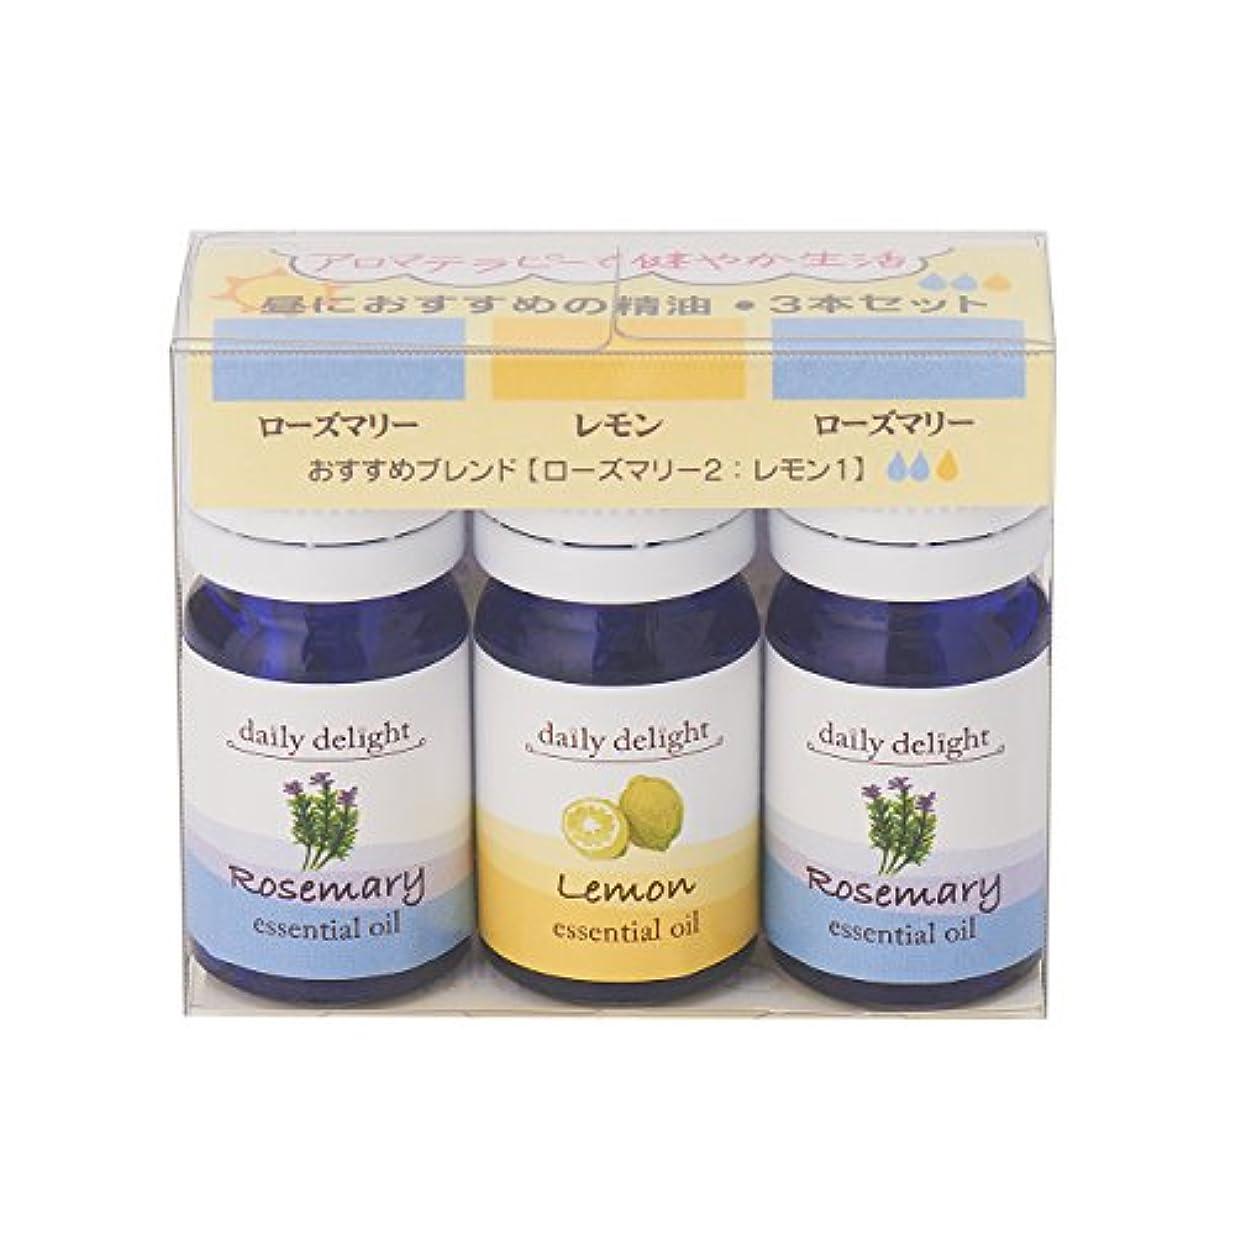 平凡死んでいる繁栄するデイリーディライト エッセンシャルオイル 昼におすすめの精油3本セット 3ml×3本(ローズマリー レモン)